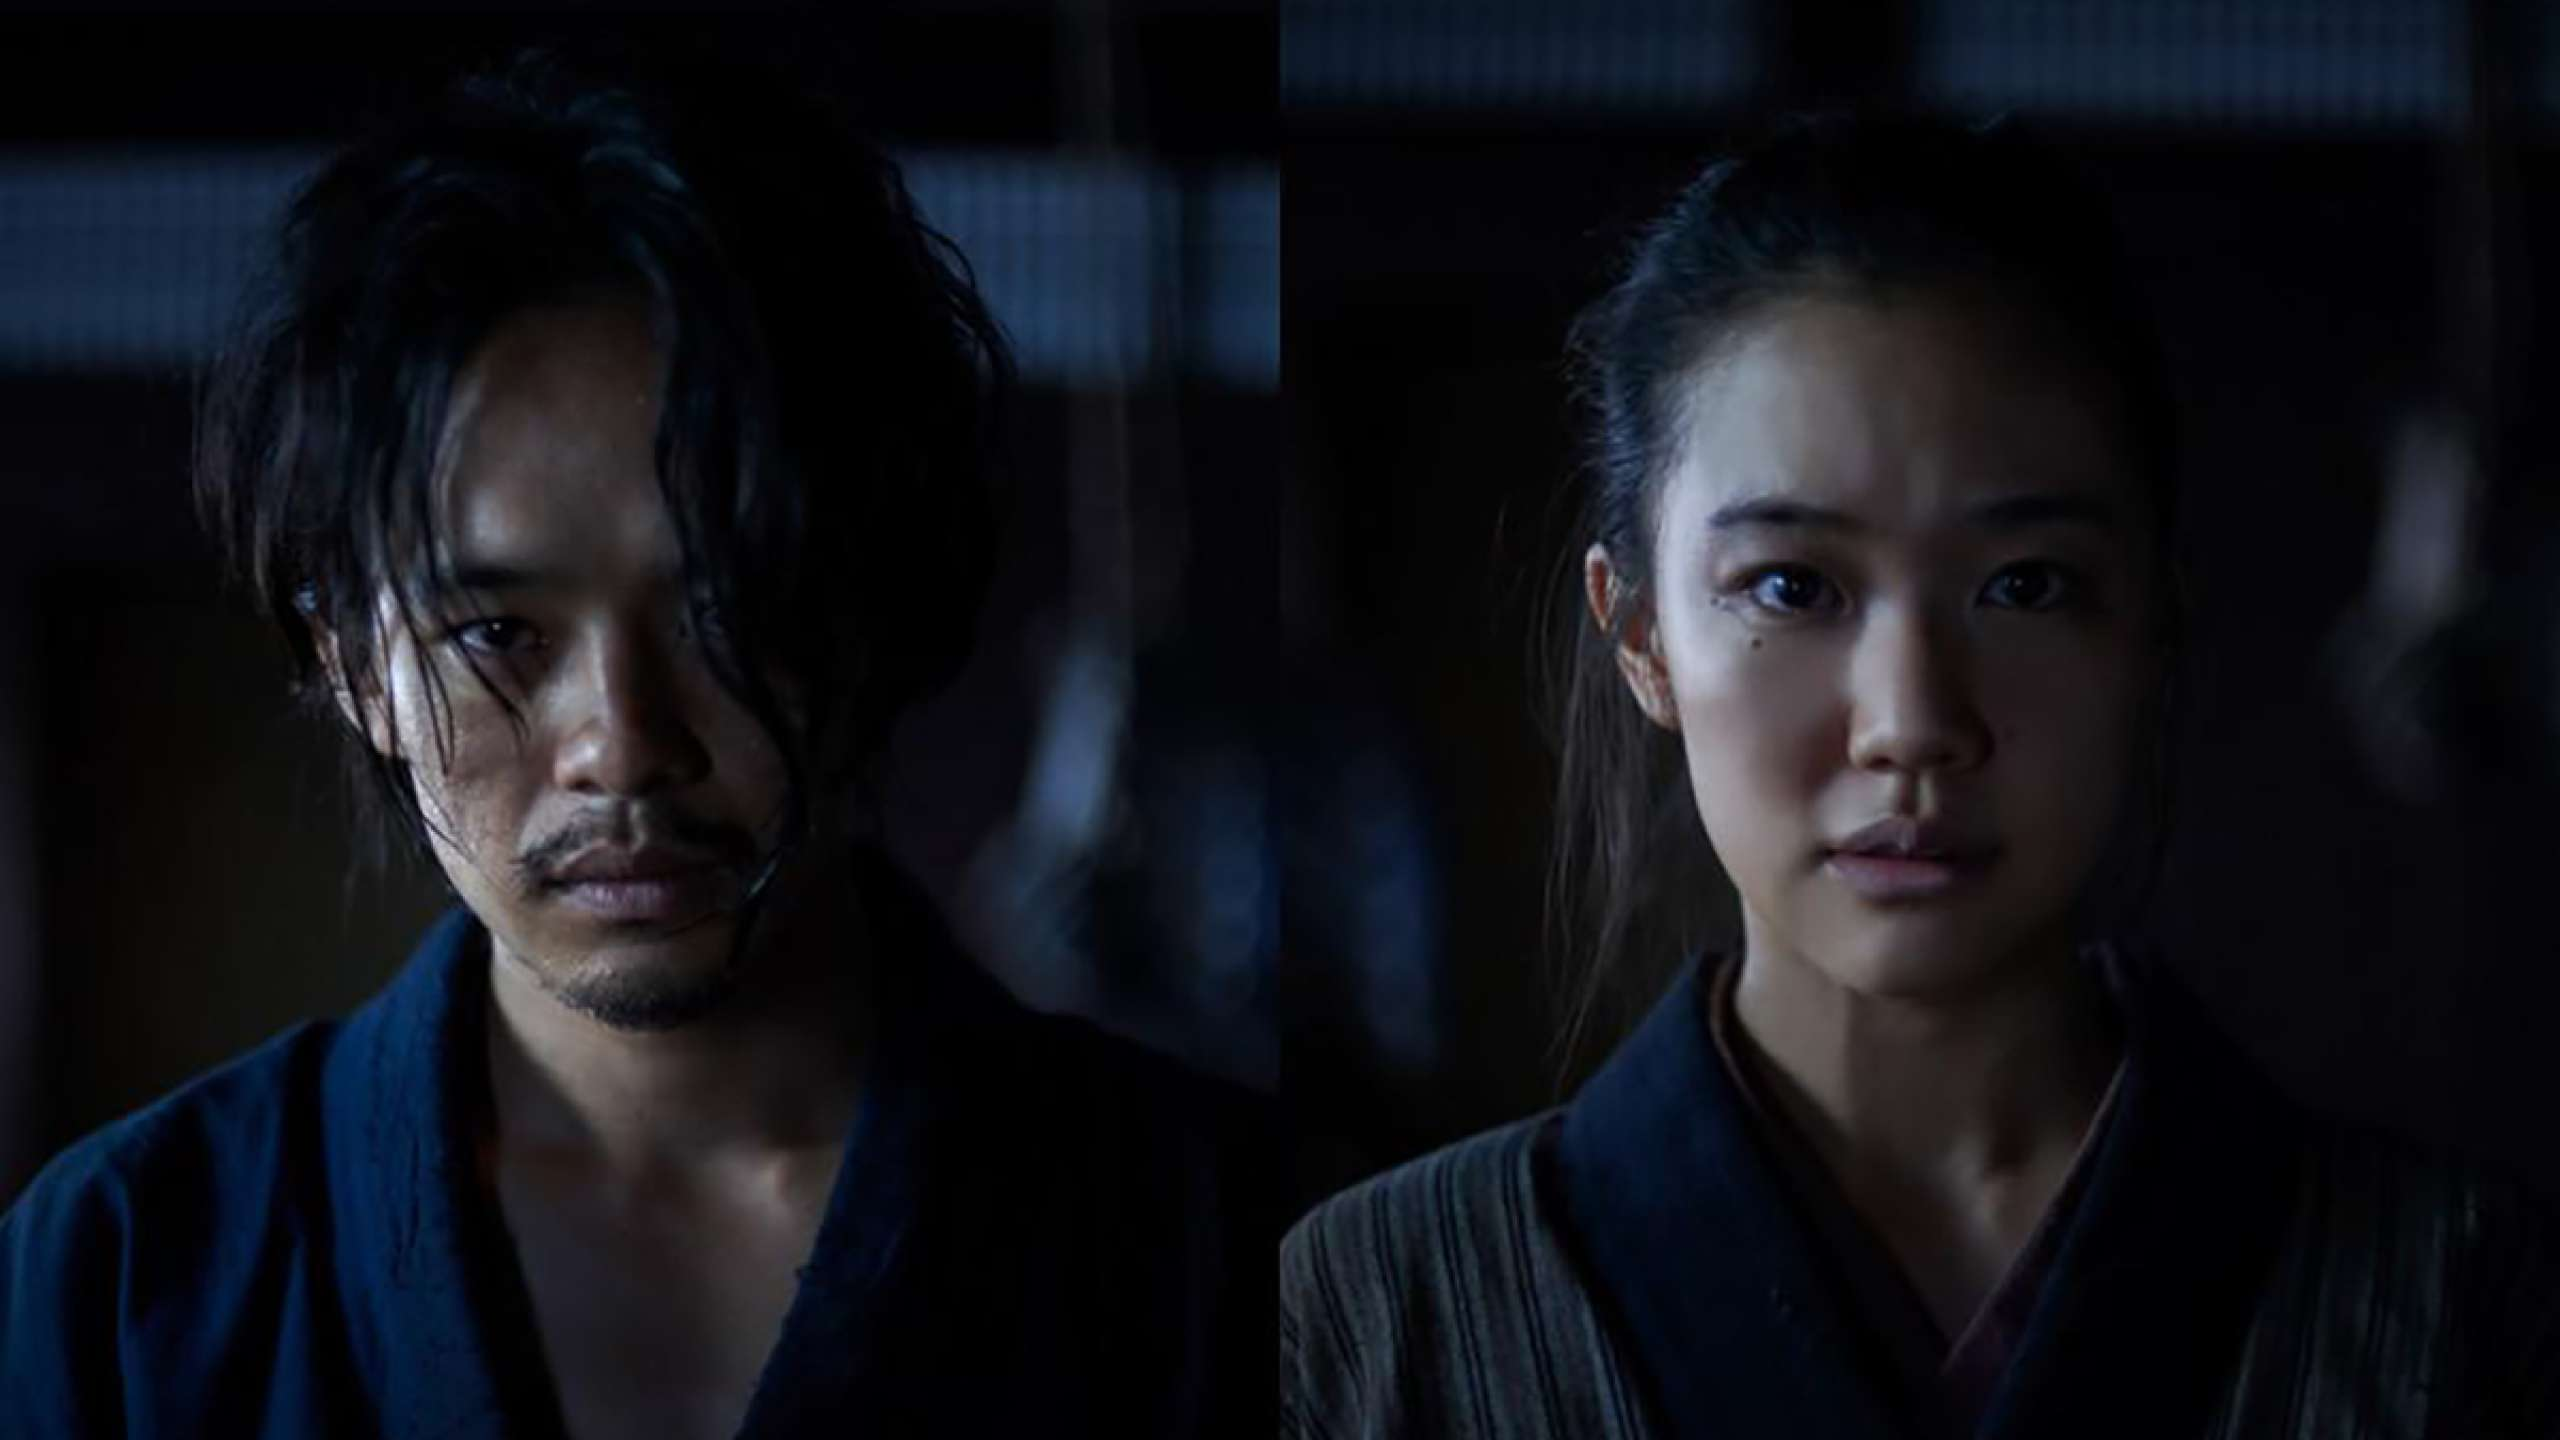 Killing di Shinya Tsukamoto